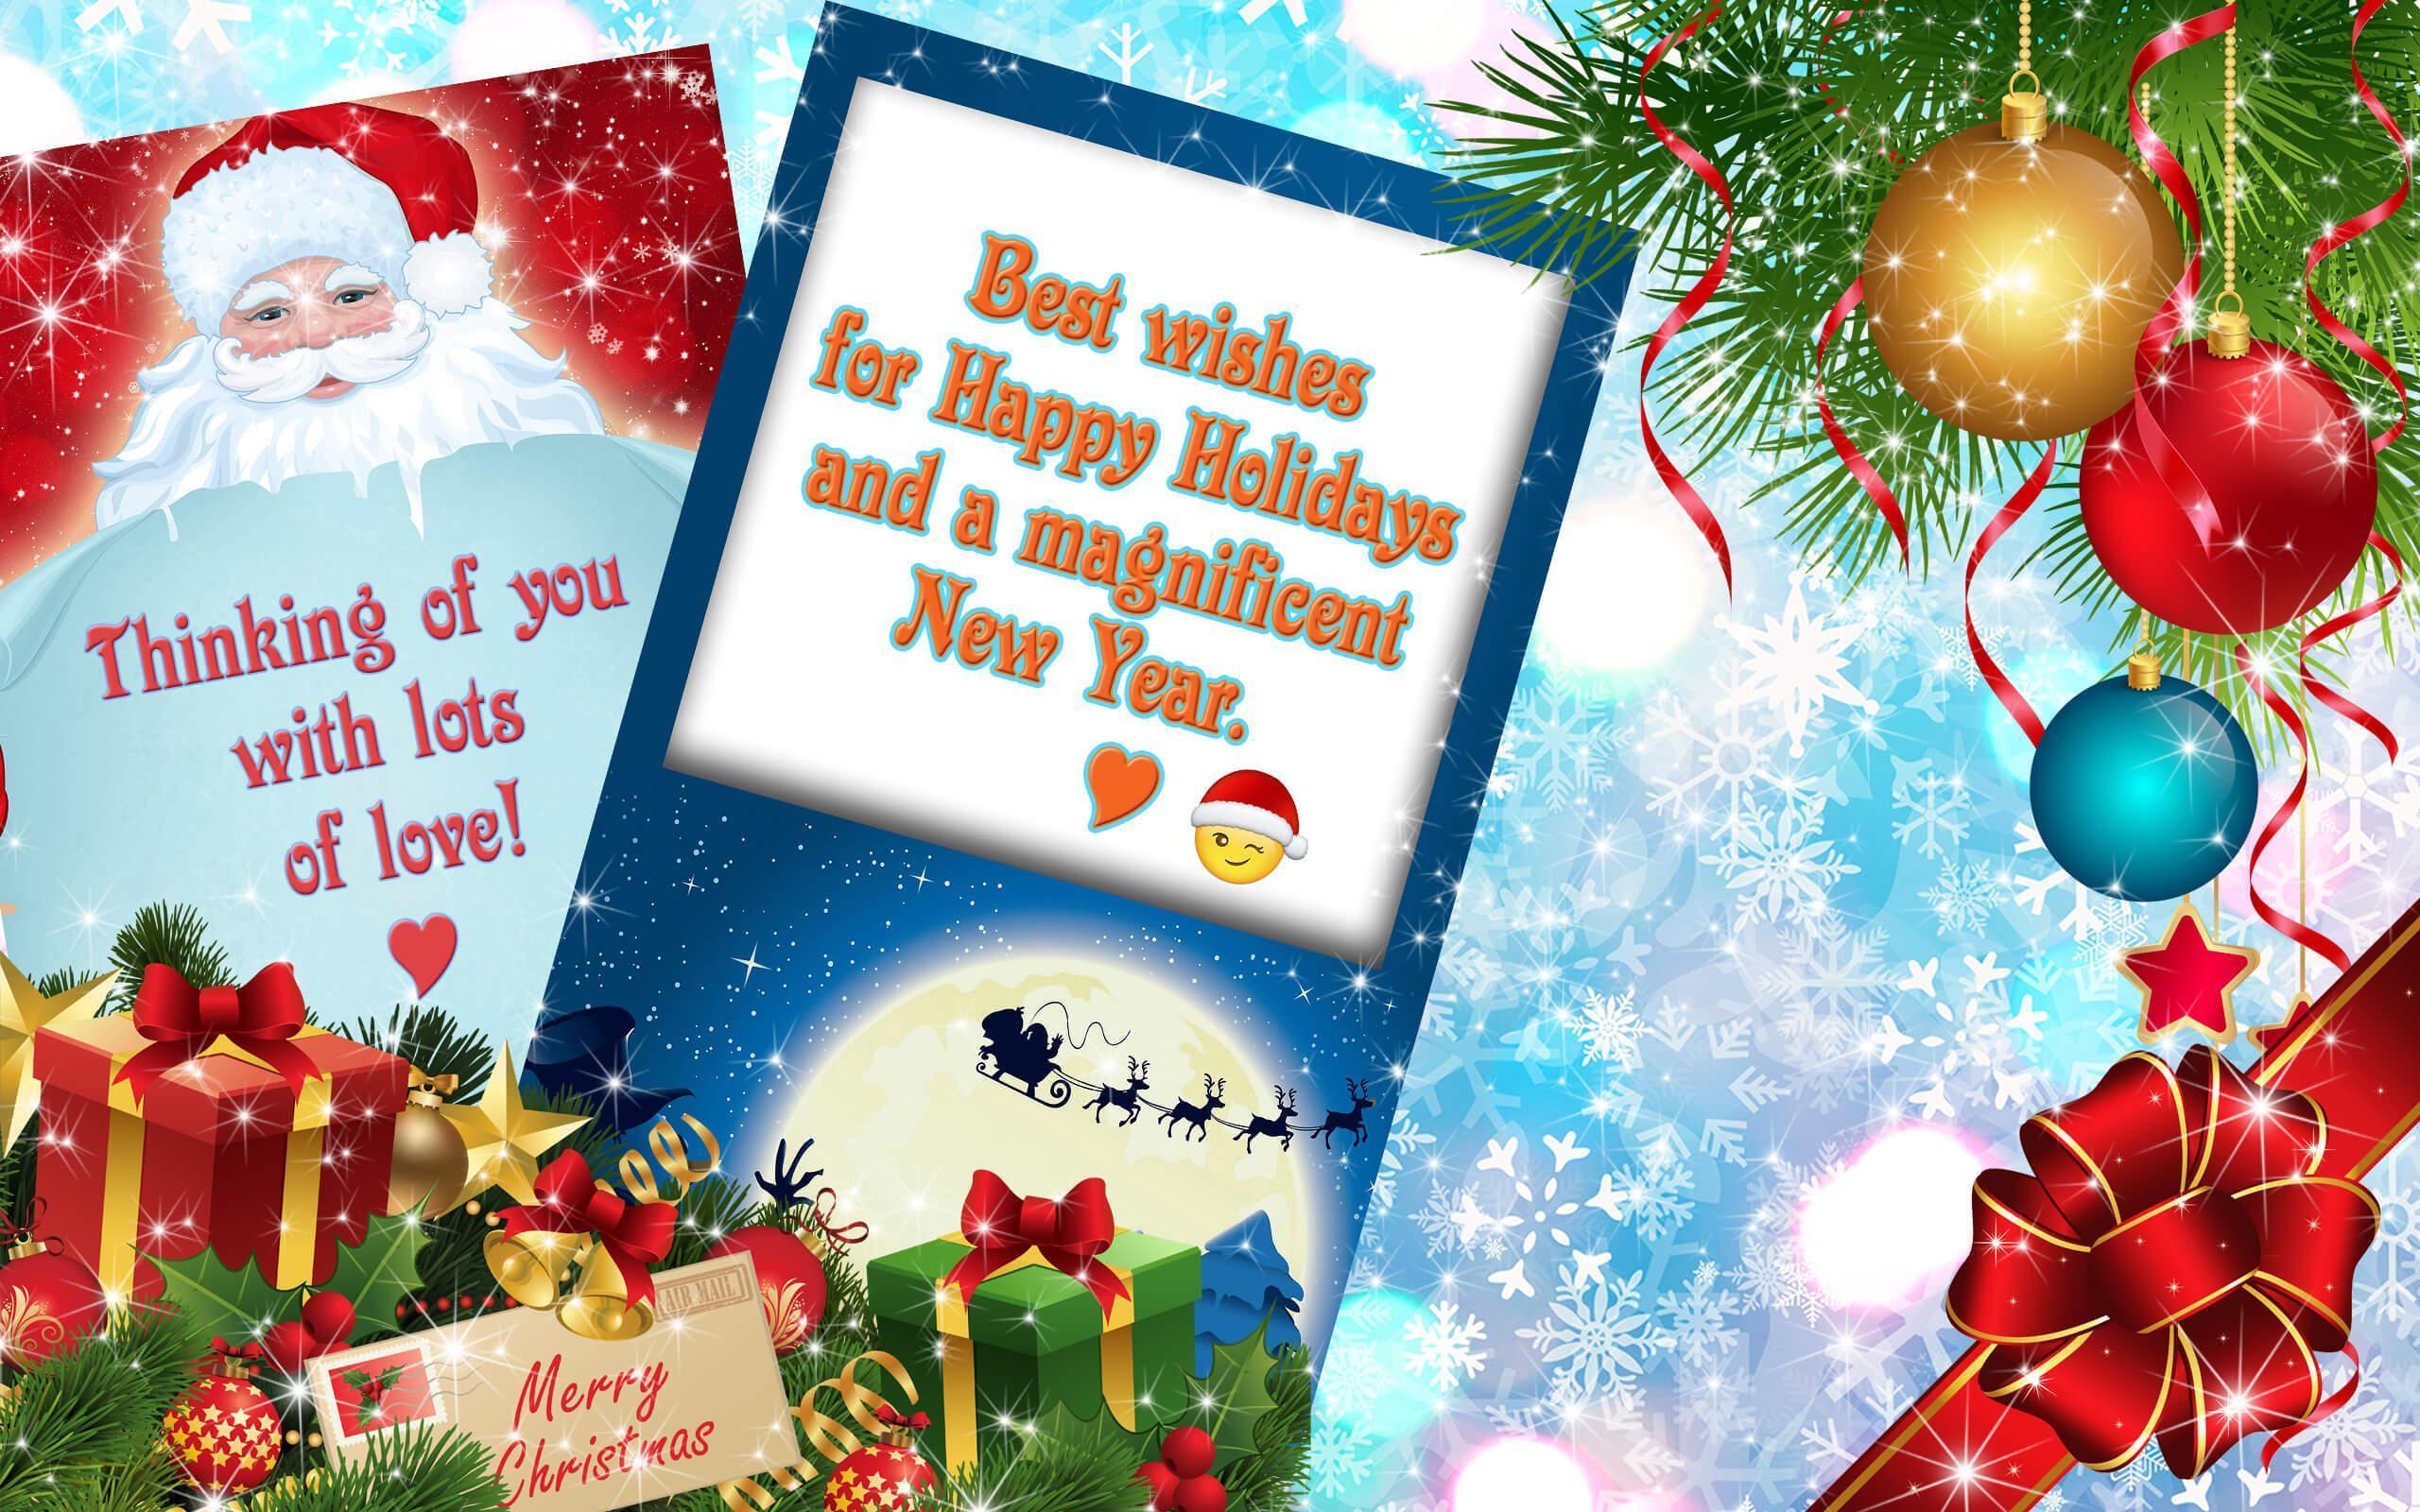 Weihnachtskarten Senden Kostenlos.Weihnachtskarten Neujahrsgrüße Kostenlos Für Android Apk